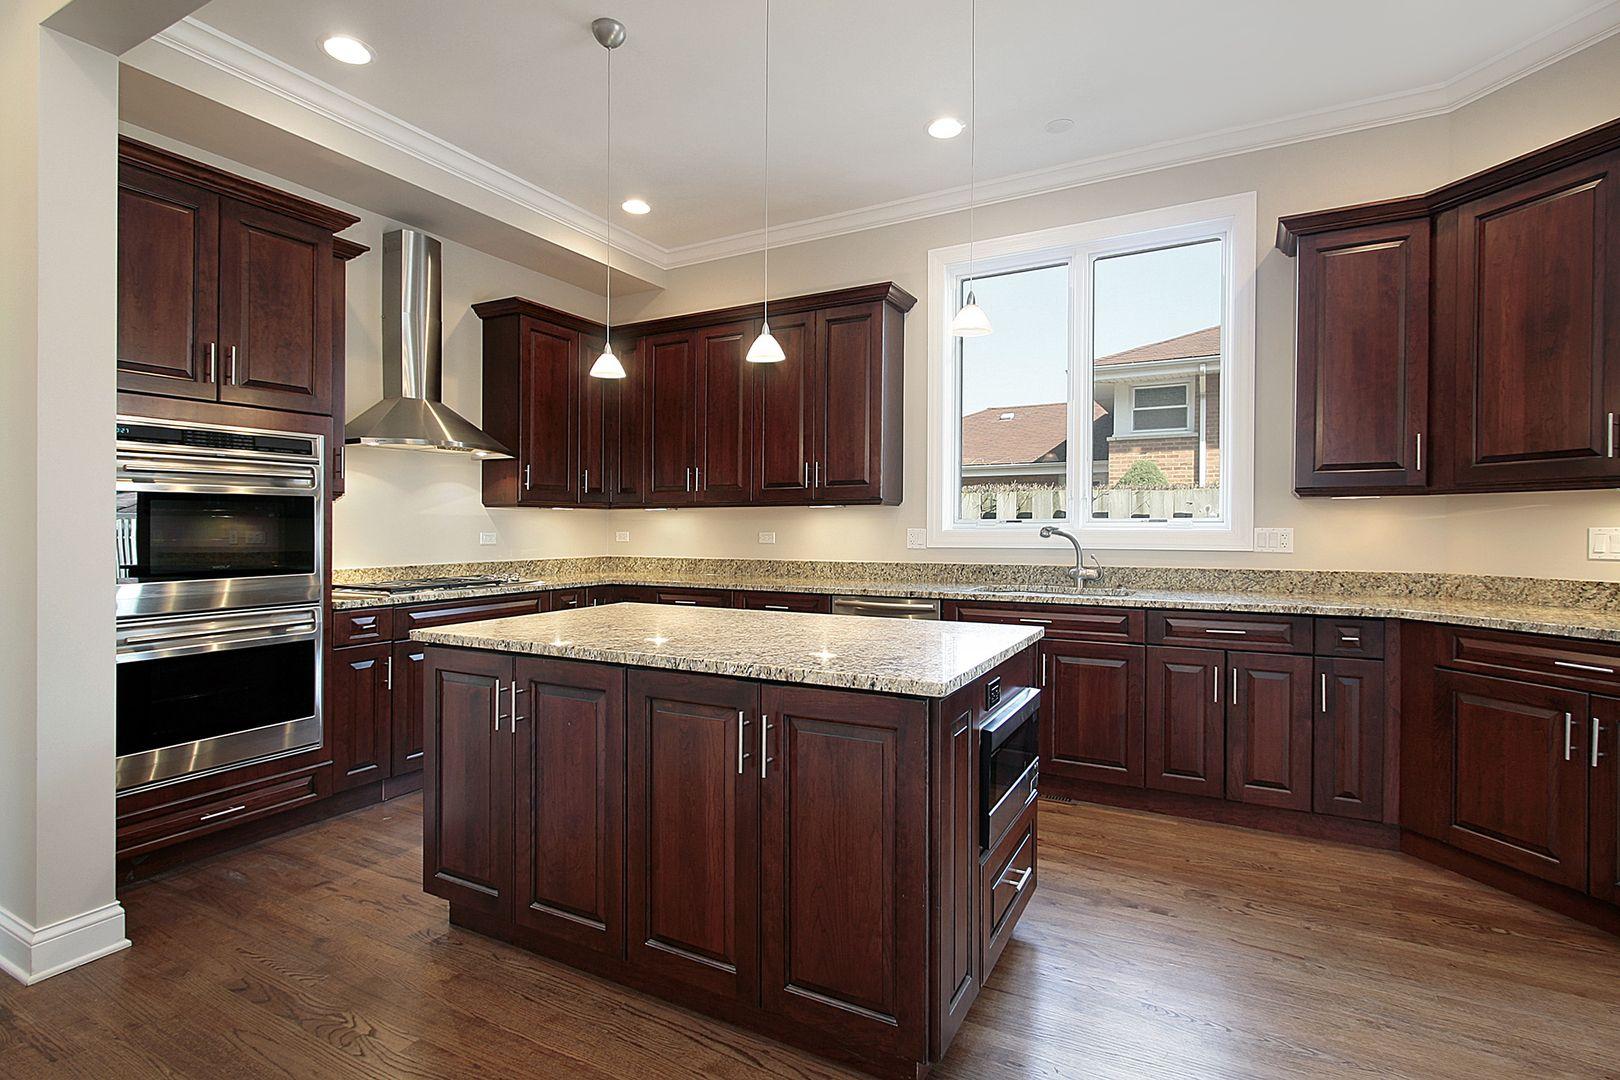 Kitchen Remodel Dark Wood Cabinetry Plus Modern Appliances Kitchen Cabinets And Flooring Dark Wood Kitchens Cherry Wood Kitchen Cabinets